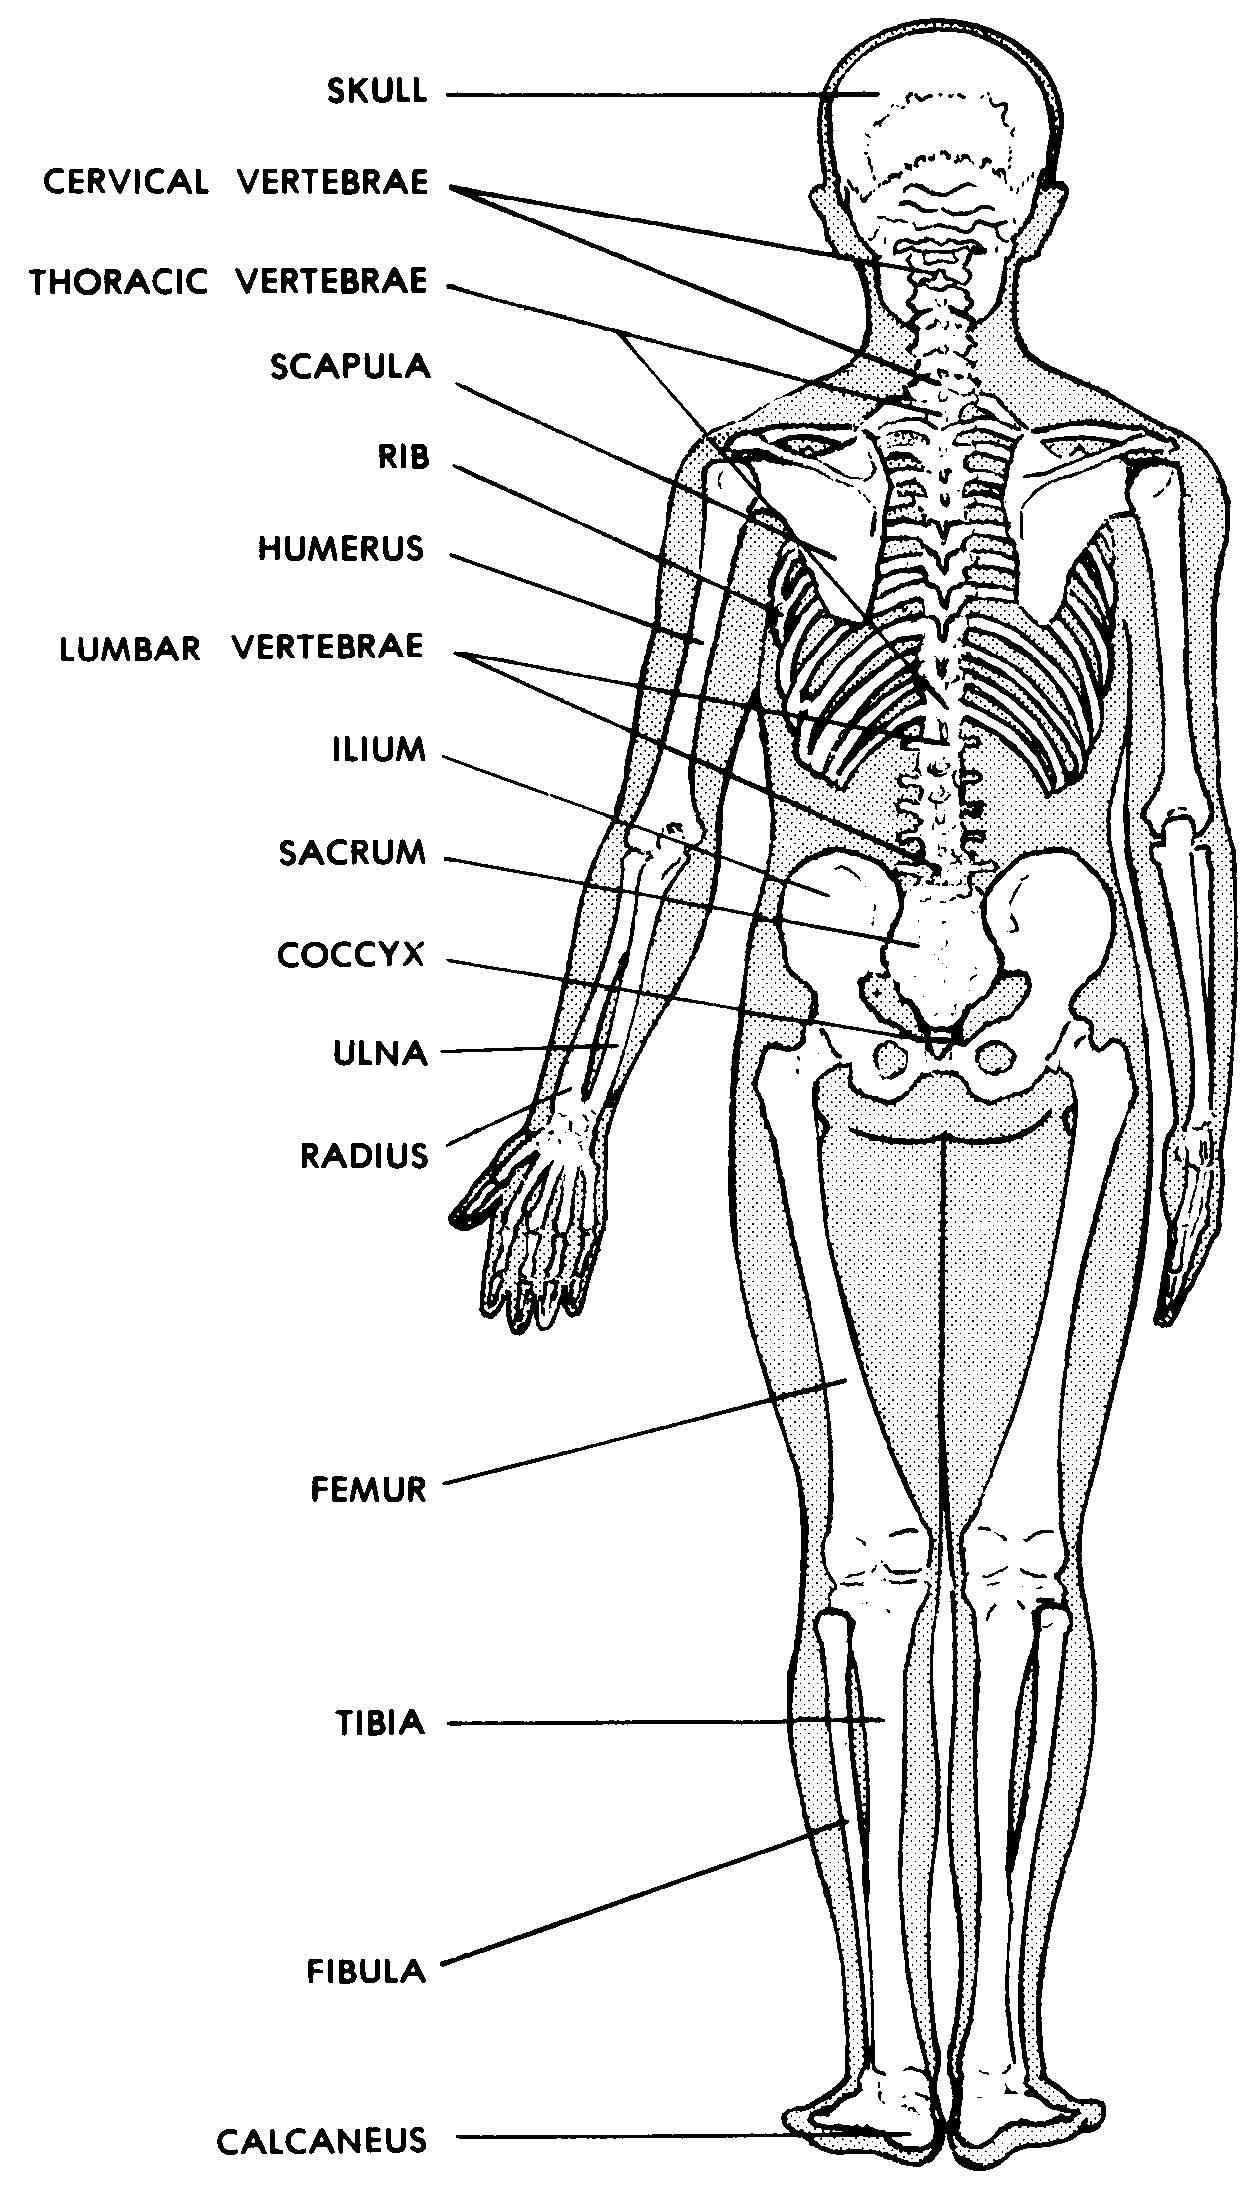 human skeleton diagram without labels front lewis dot for hbr images 04 skeletal system basic anatomy